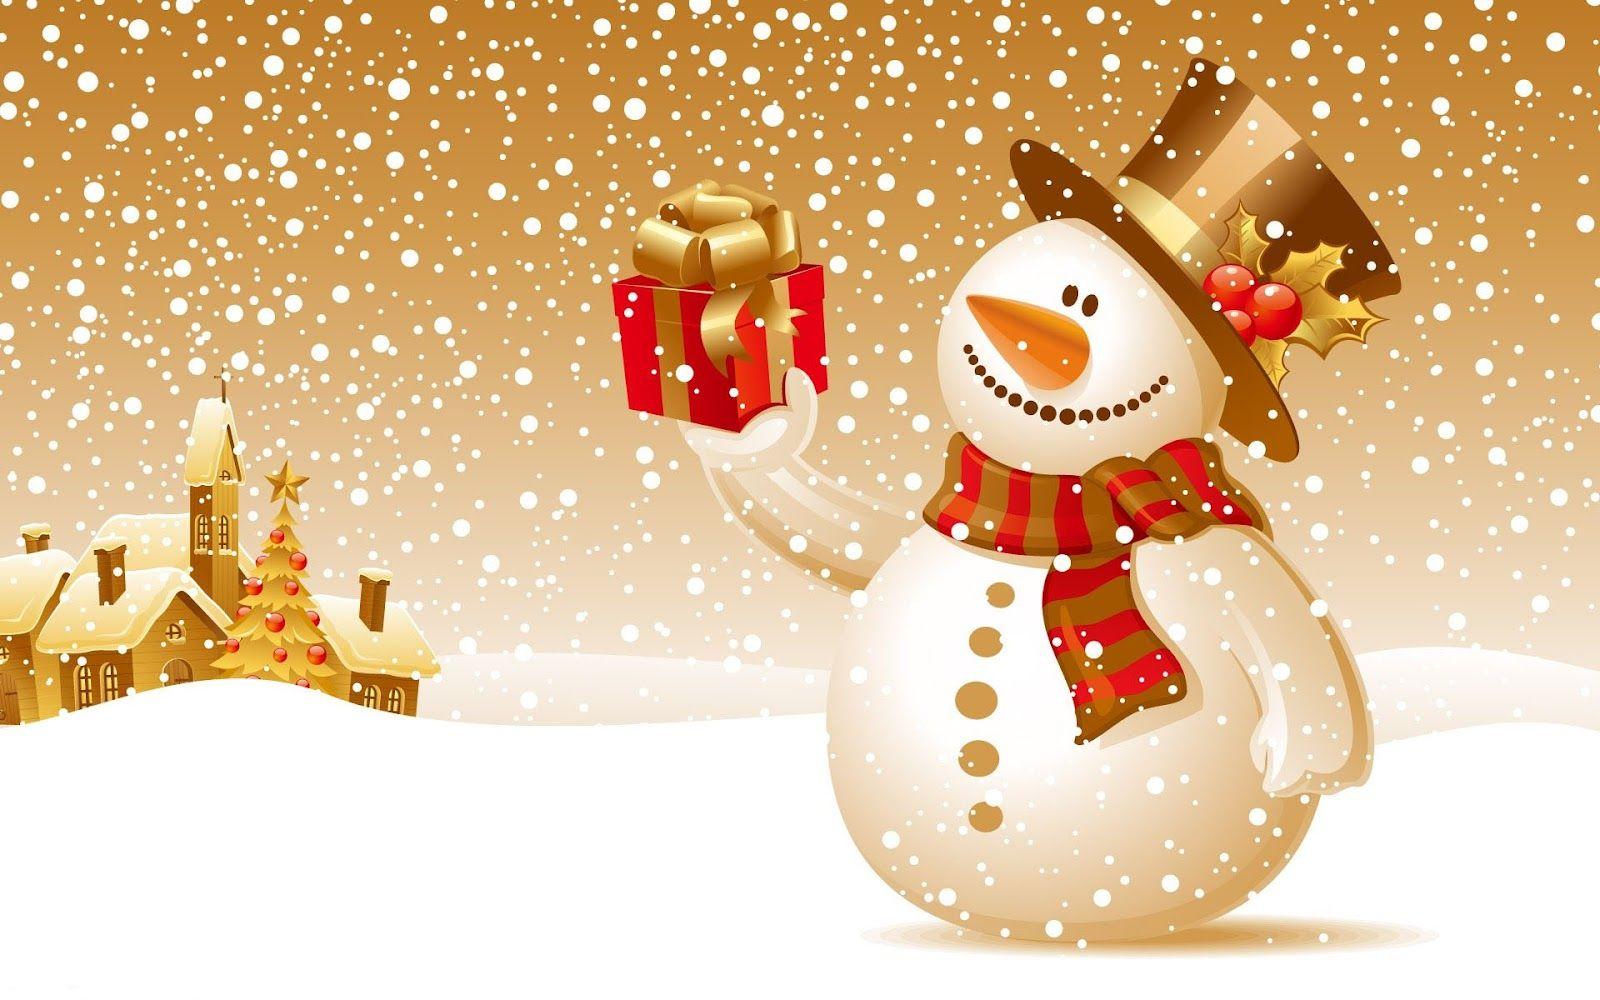 christmassnowmanhdwallpapersfreedownloadchristmasimagesjpg